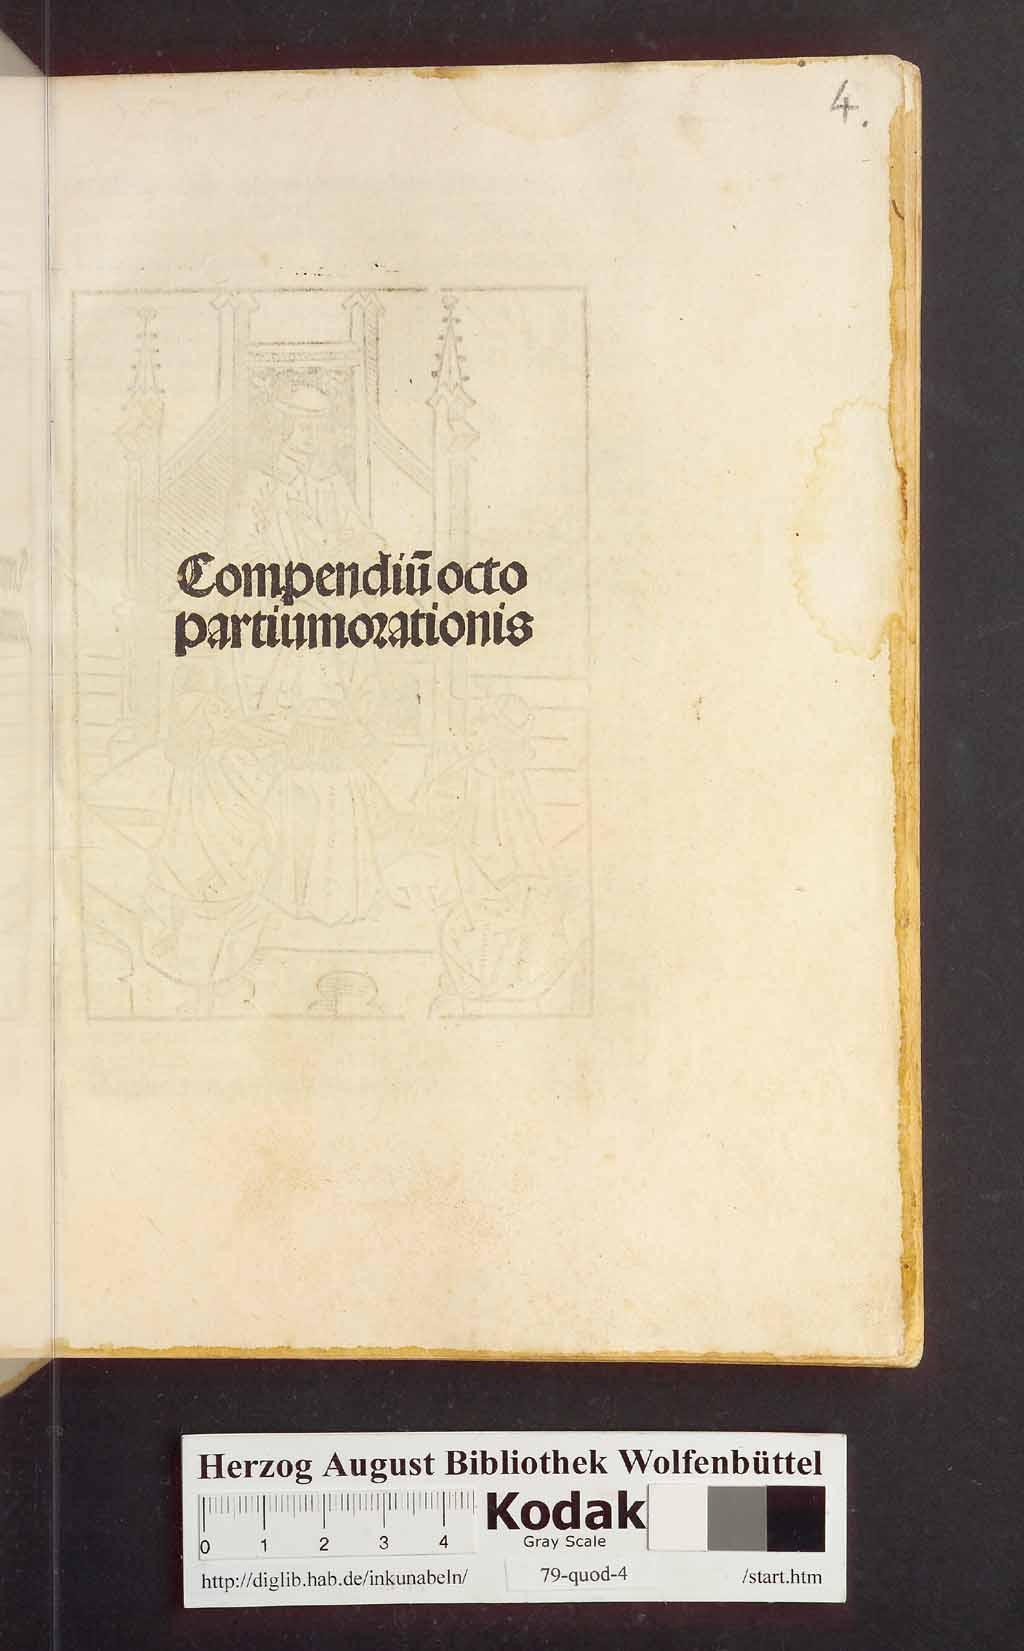 http://diglib.hab.de/inkunabeln/79-quod-4/00001.jpg